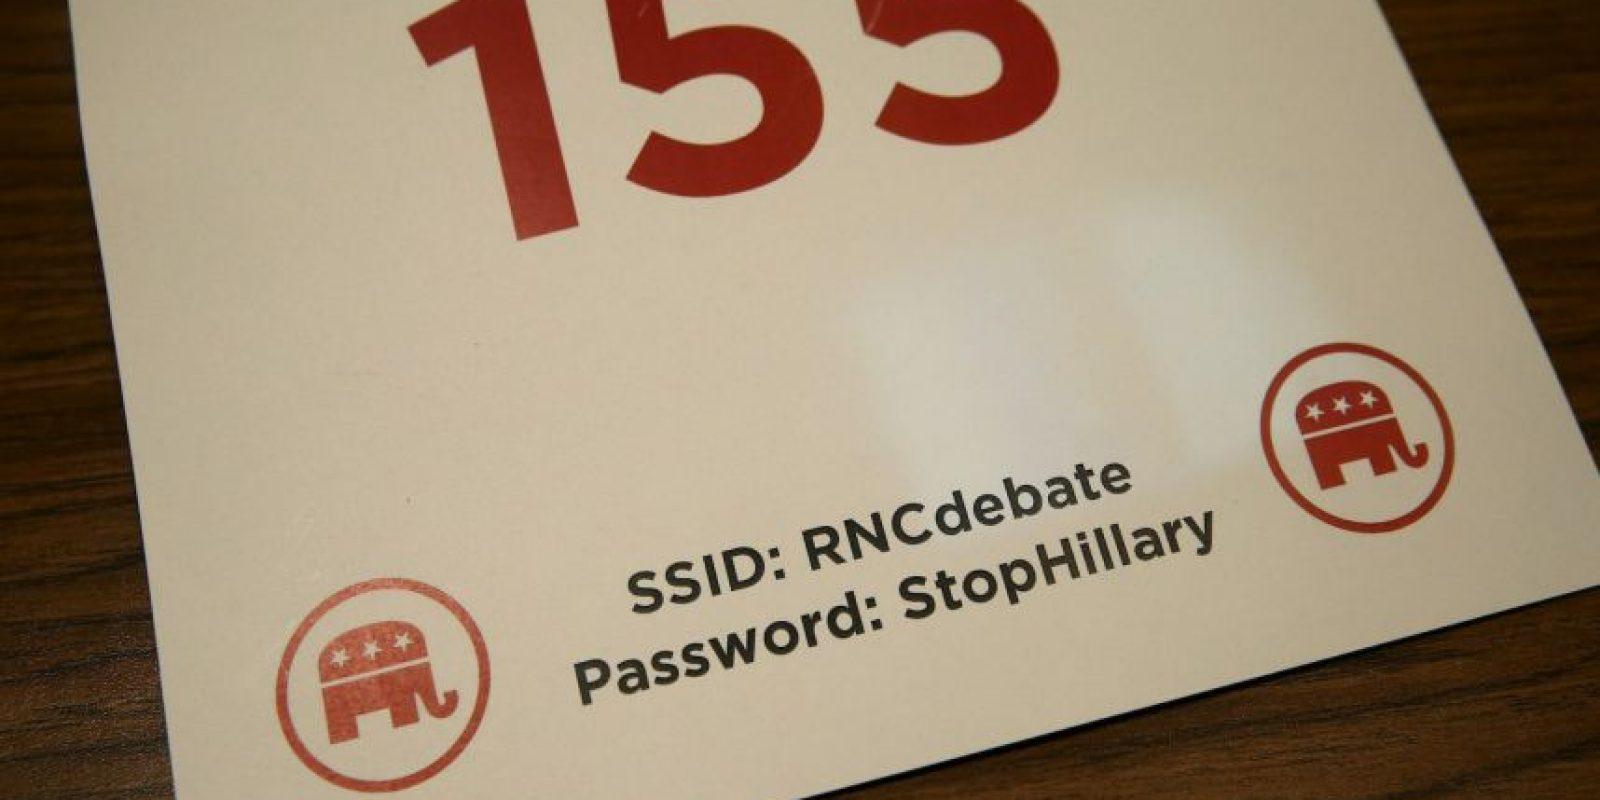 """La contraseña para utilizar el wi-fi era """"StopHillary"""" (Paren a Hillary). Foto:Getty Images"""